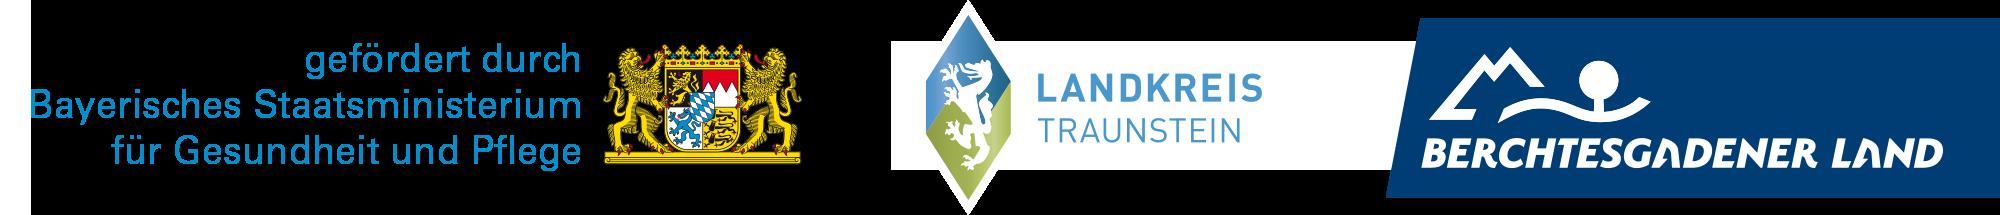 Logos Landkreis Traunstein und Berchtesgadener Land mit Hinweis gefördert durch Bayerisches Staatsministerium für Gesundheit und Pflege